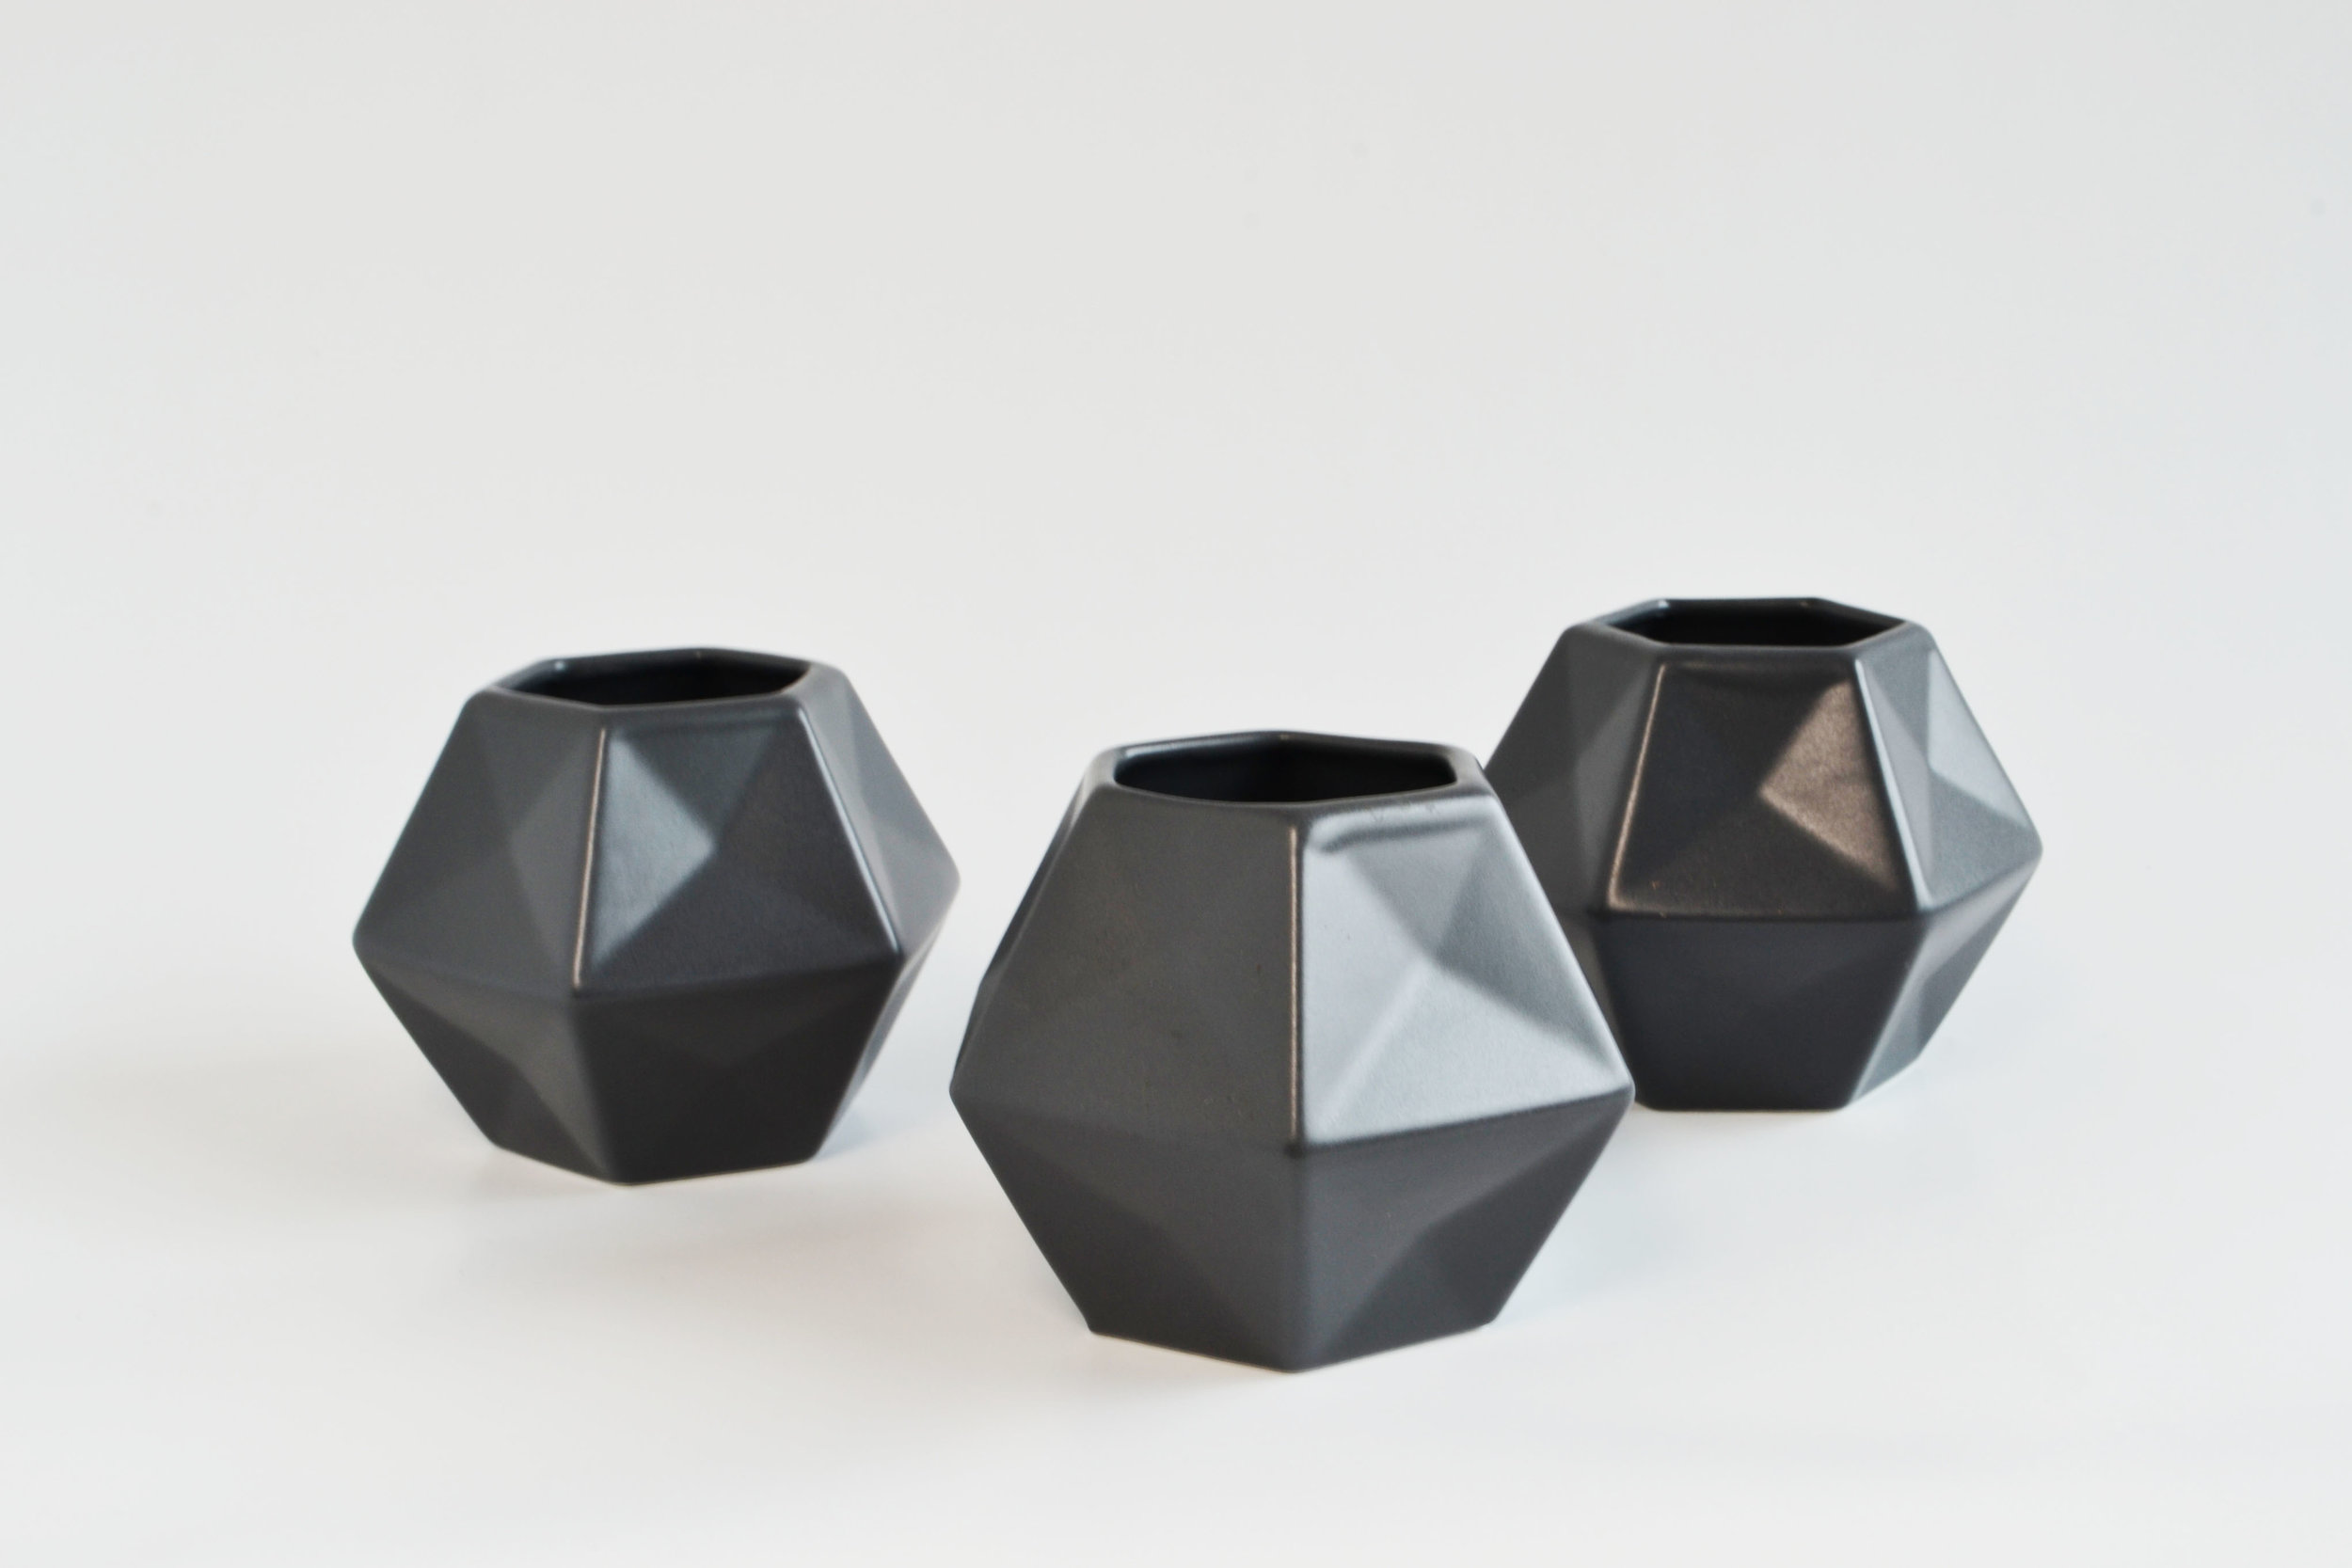 hex vase, dark grey   Quantity: 82  Price: $4.50